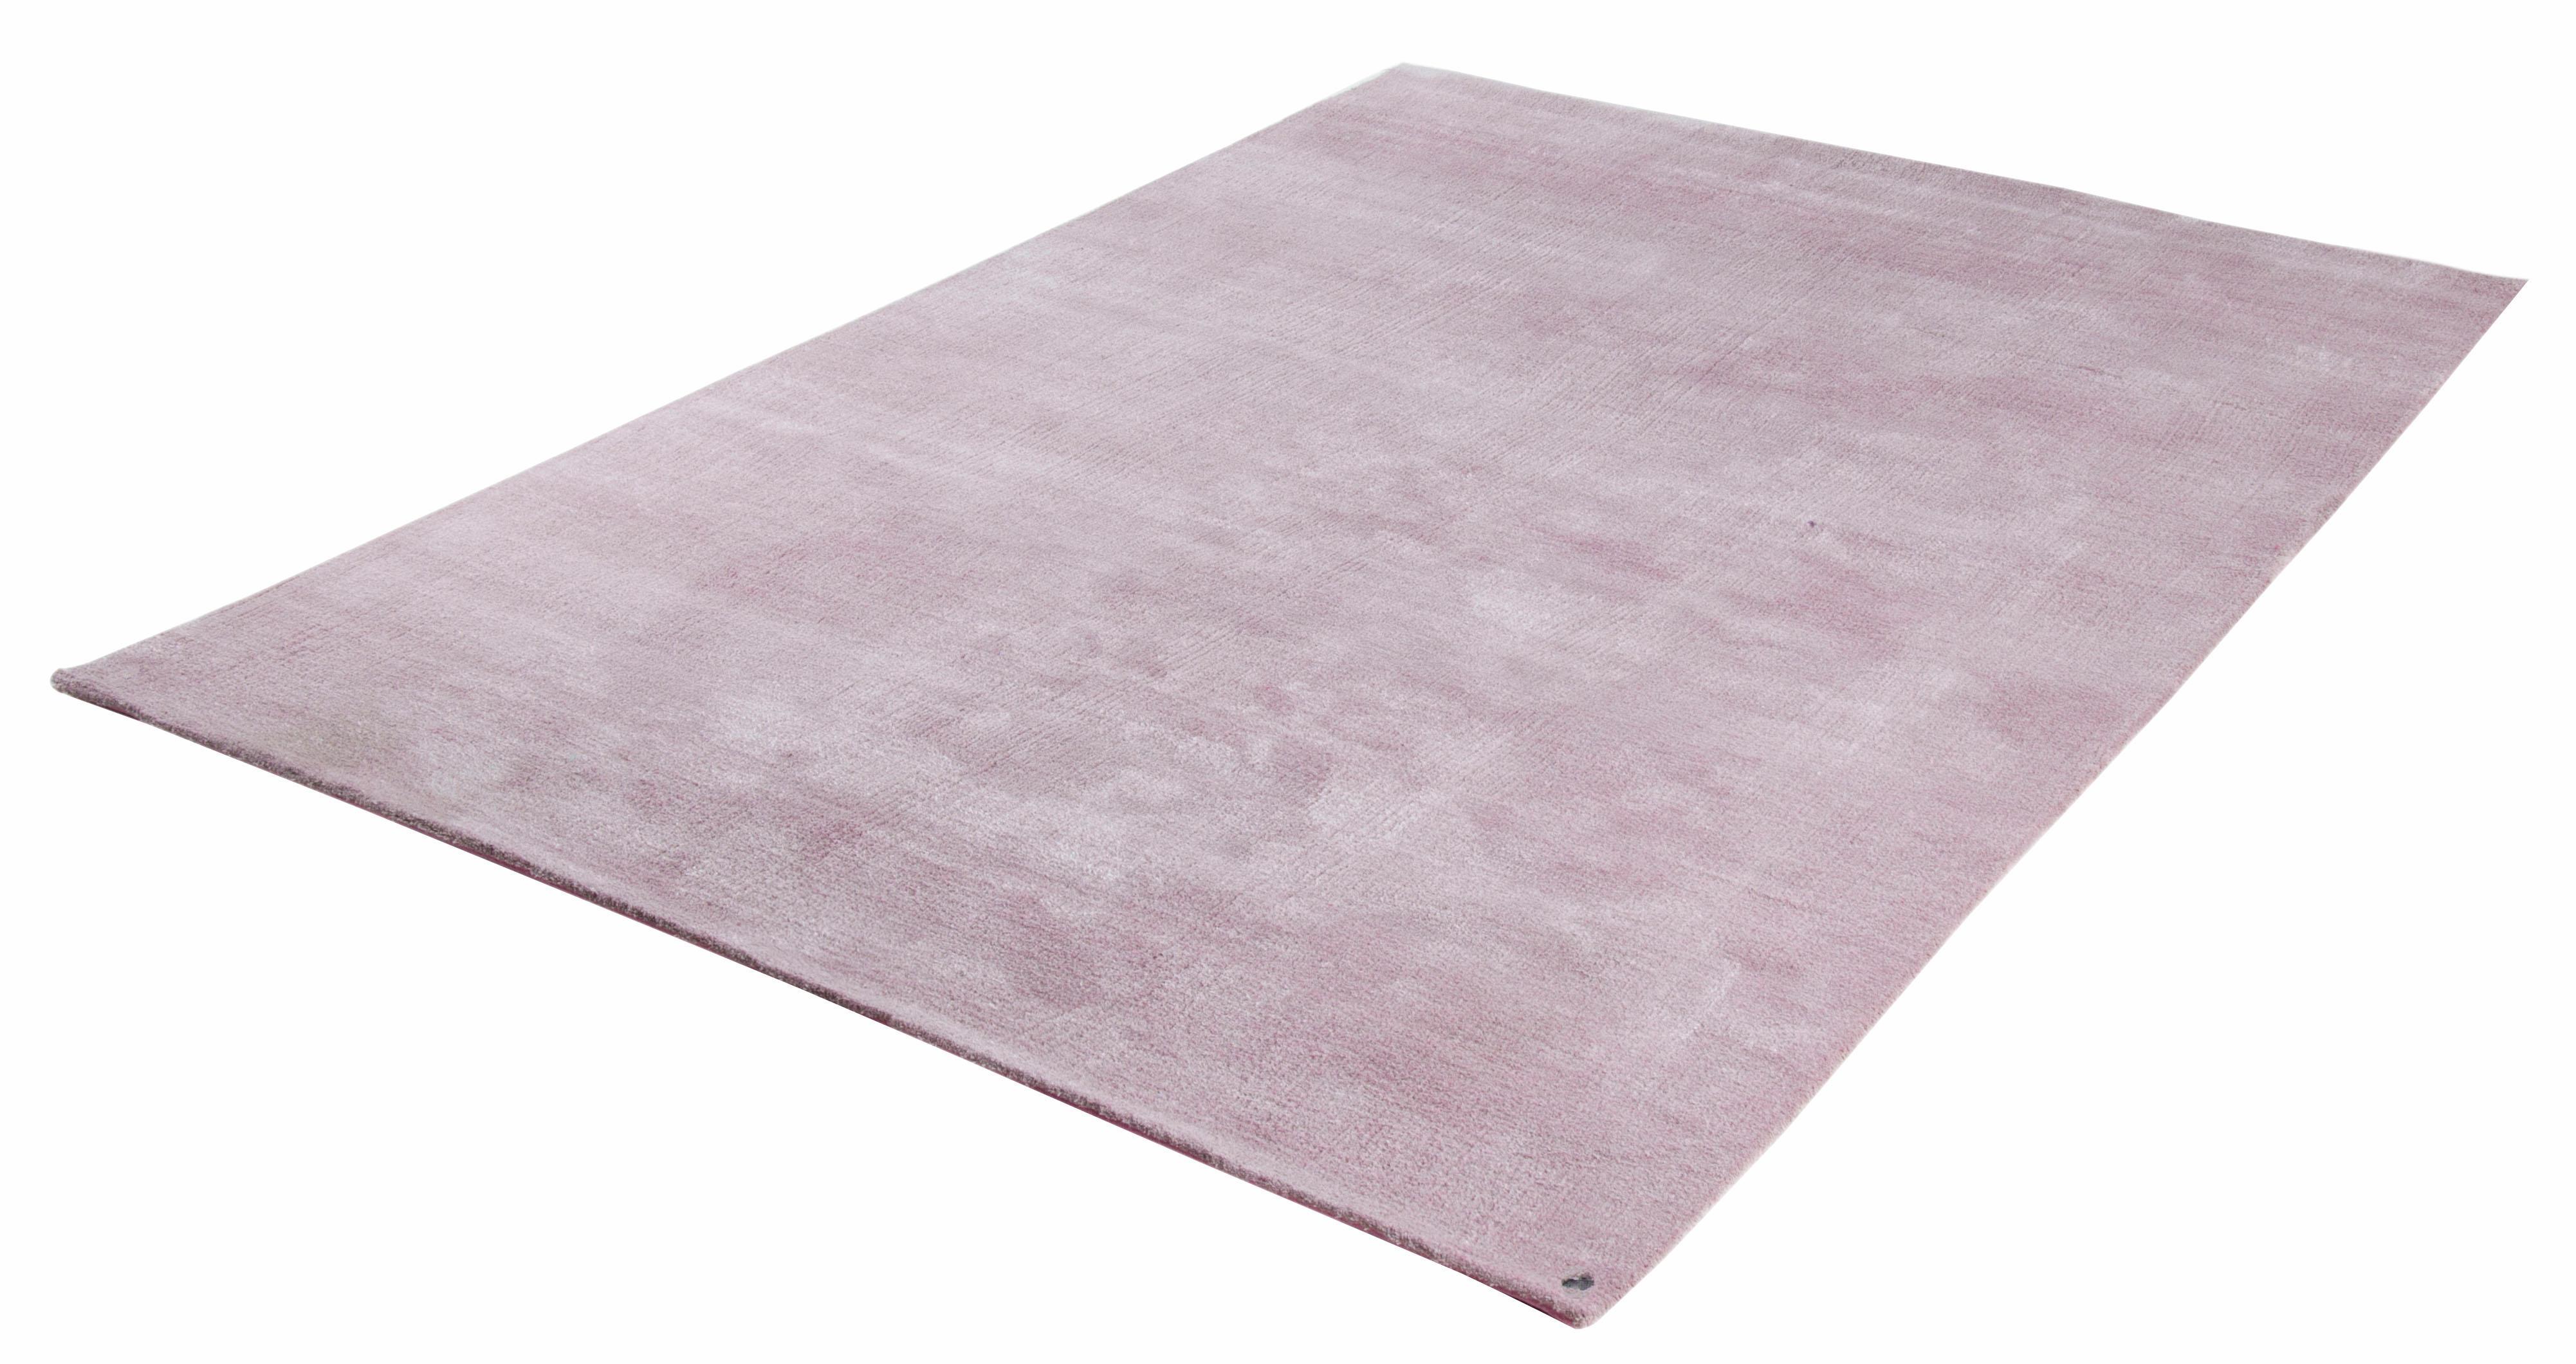 Teppich Powder uni TOM TAILOR rechteckig Höhe 12 mm handgetuftet